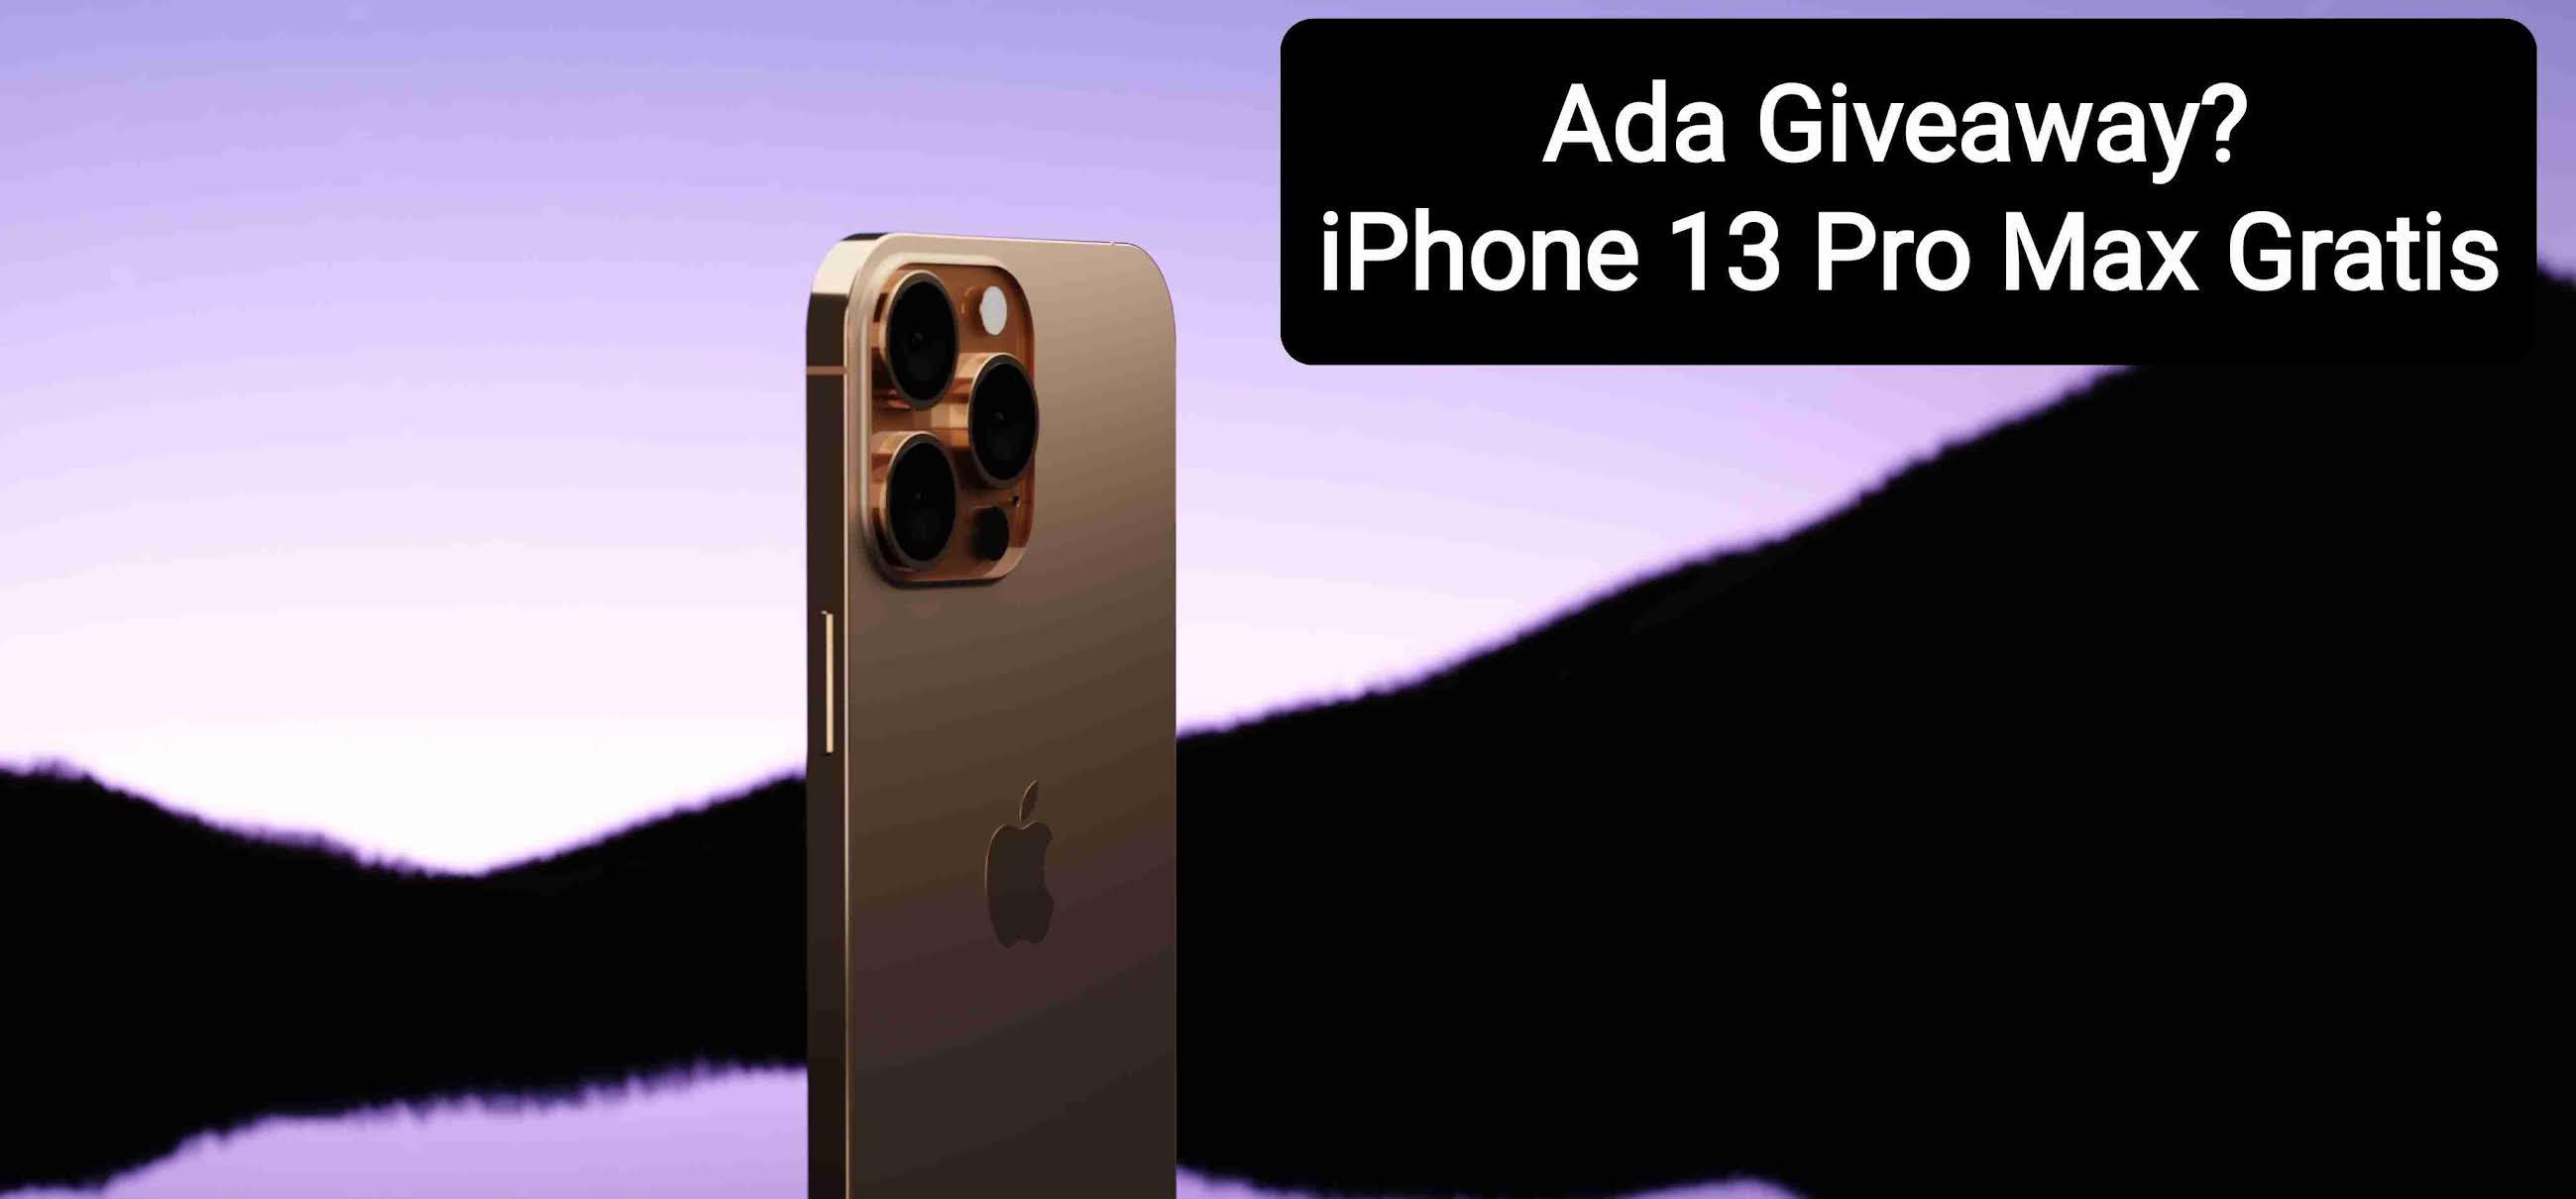 cara mendapatkan iphone 13 pro max gratis